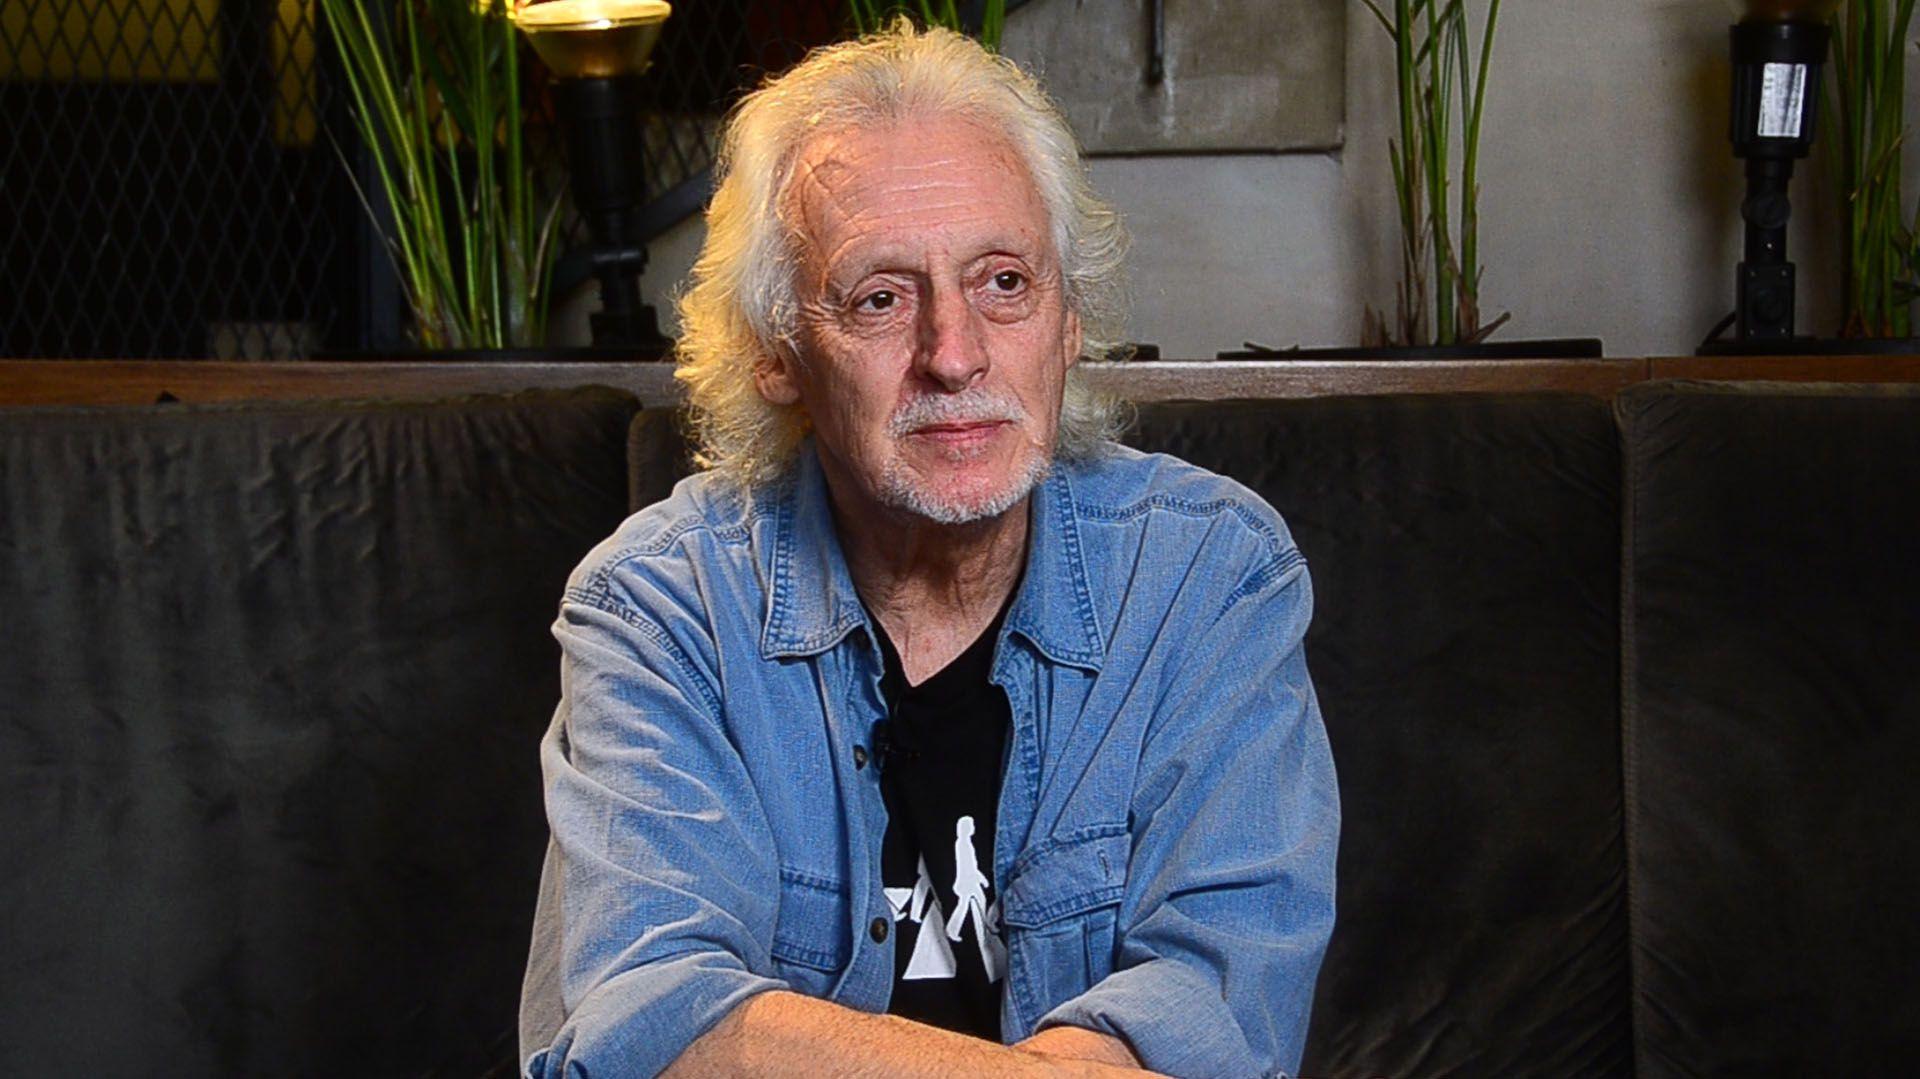 Nito Mestre abrió los tres shows de Paul McCartney en 1993, durante la primera visita del ex beatle a la Argentina